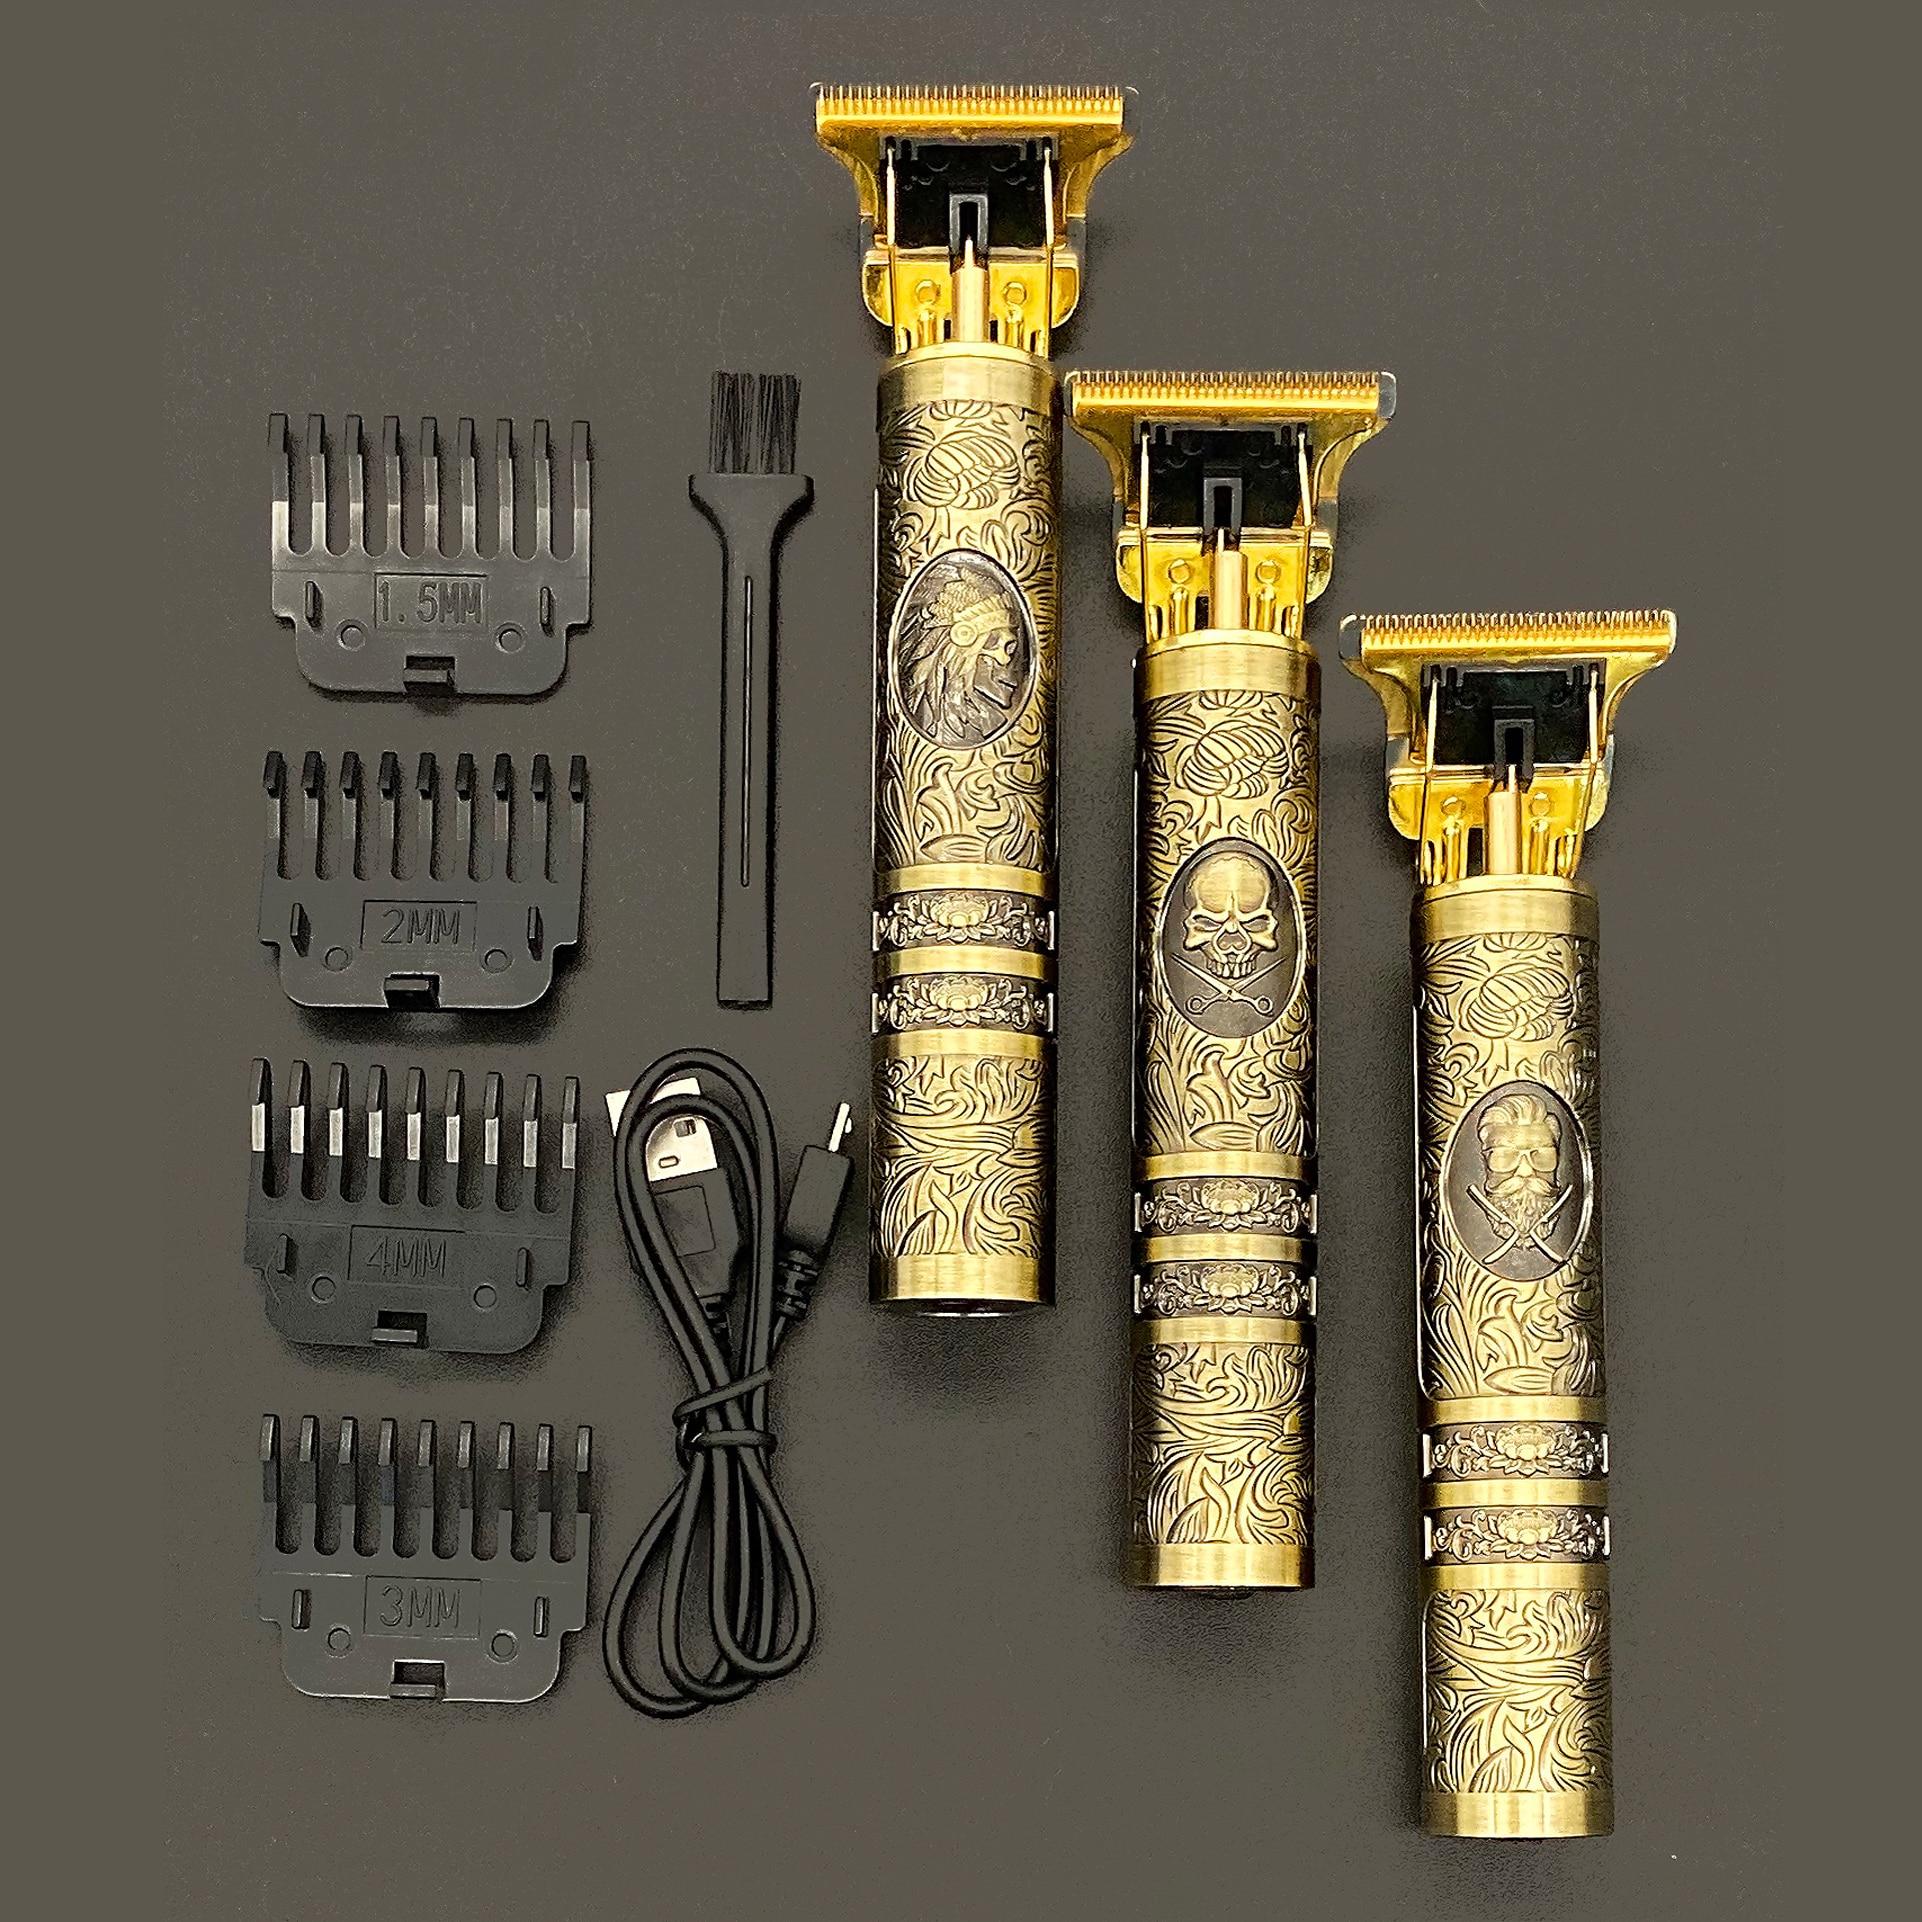 maquinilla-de-cortar-el-pelo-de-barbero-para-hombres-maquinilla-de-afeitar-inalambrica-maquina-para-cortar-cabello-afeitadora-electrica